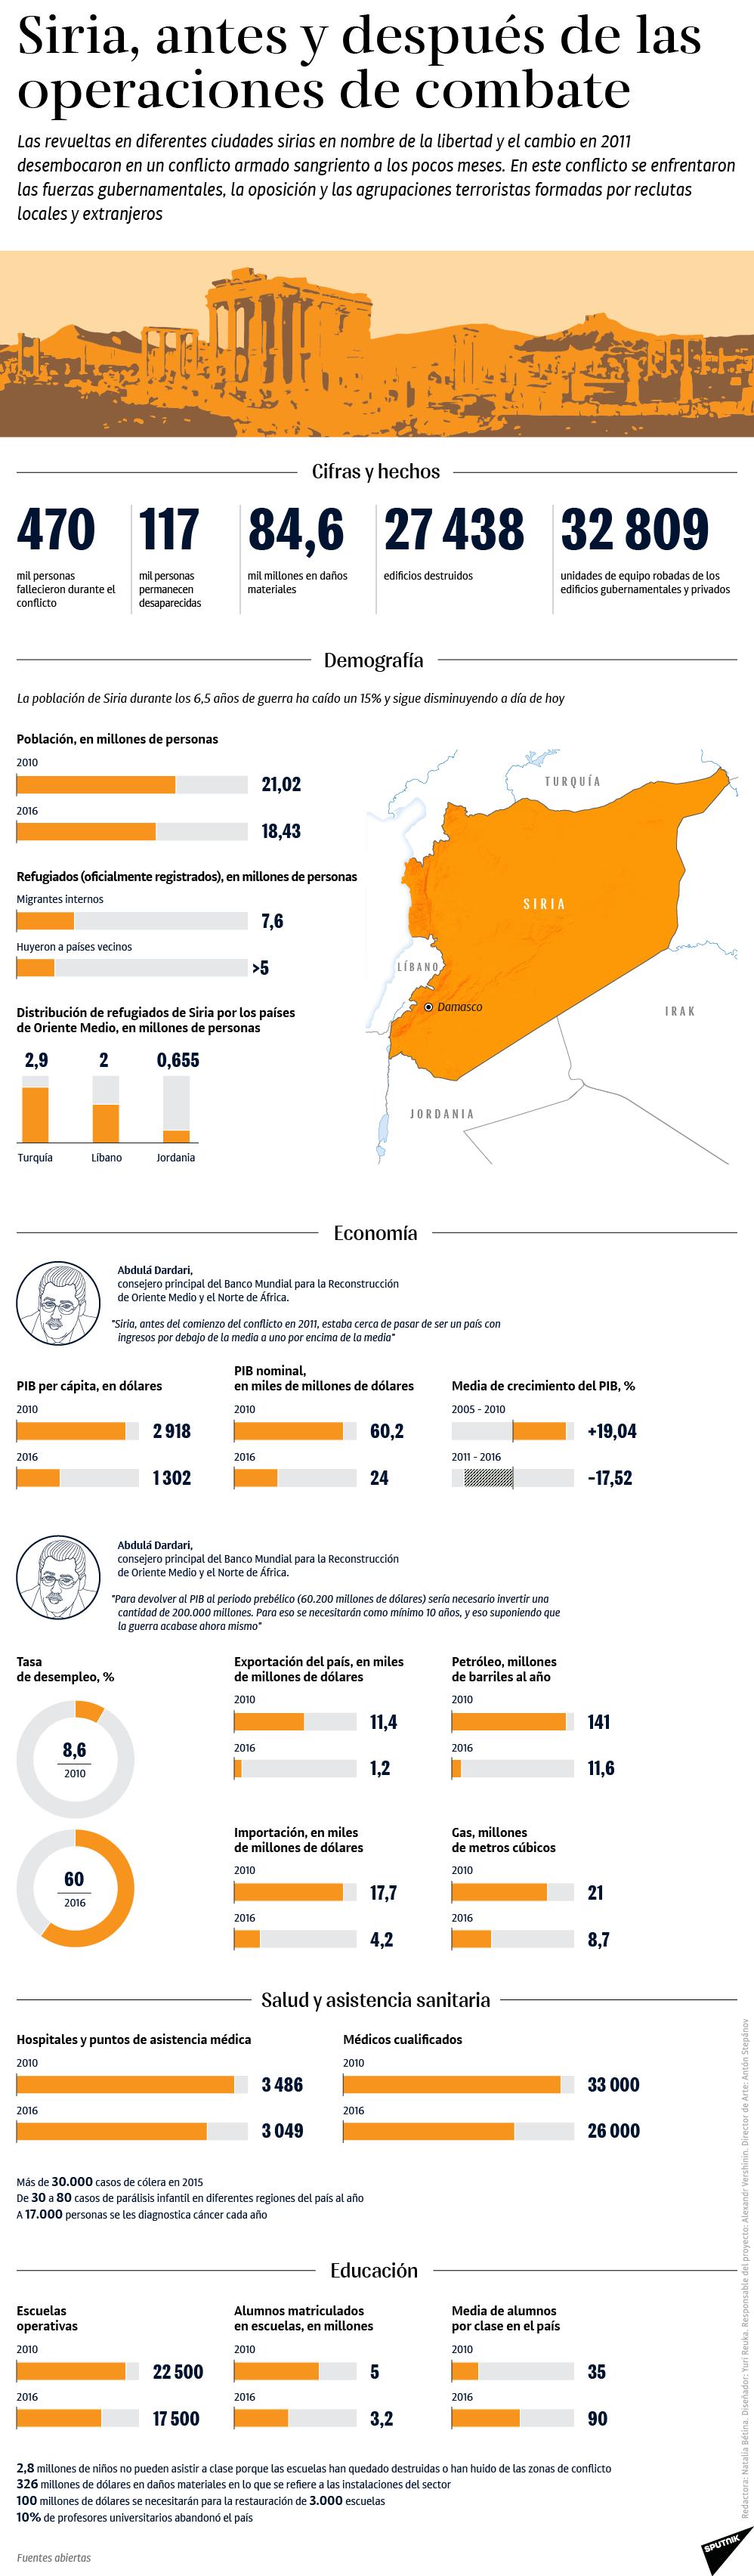 Siria, antes y después de la operaciones de combate - Sputnik Mundo